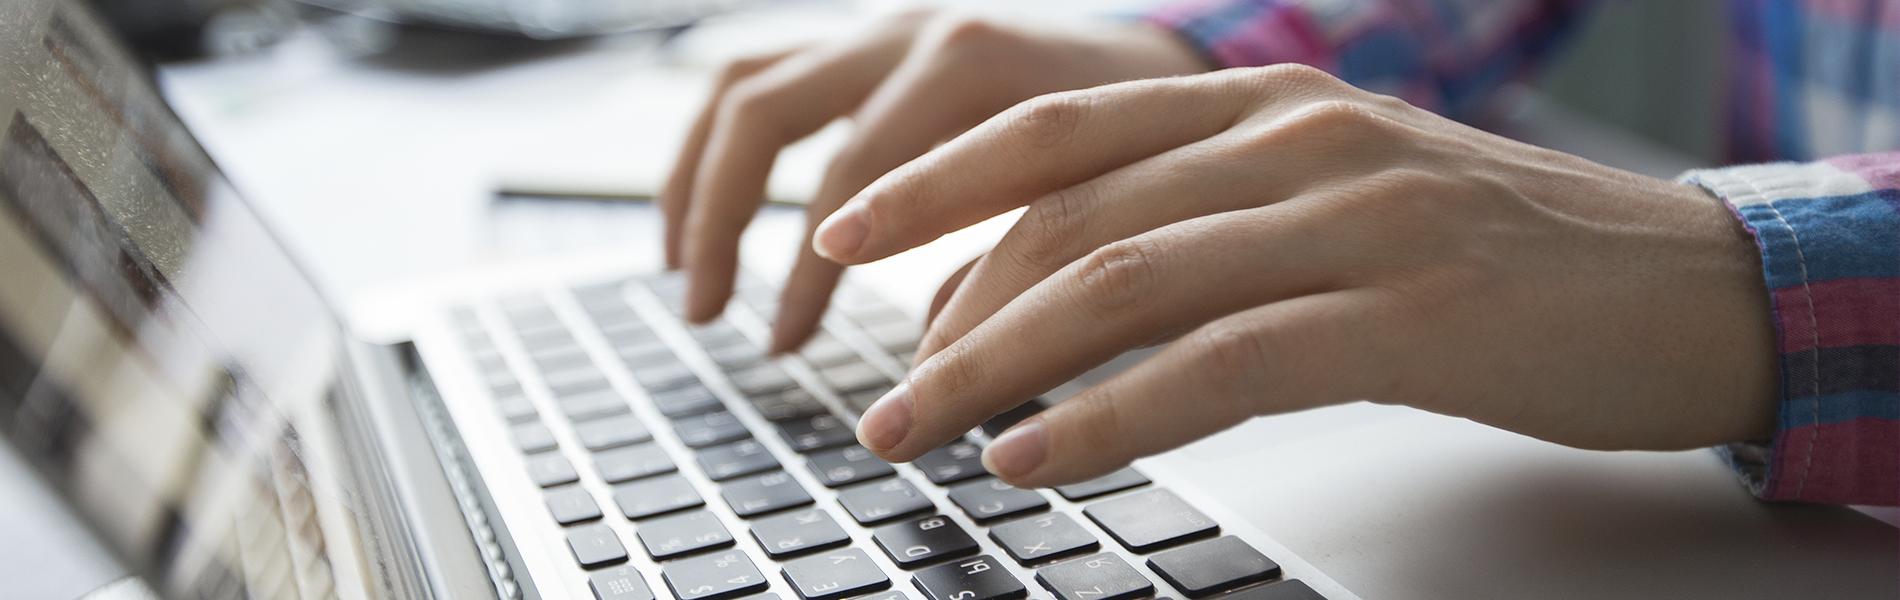 Mãos de mulher digitando em um computador